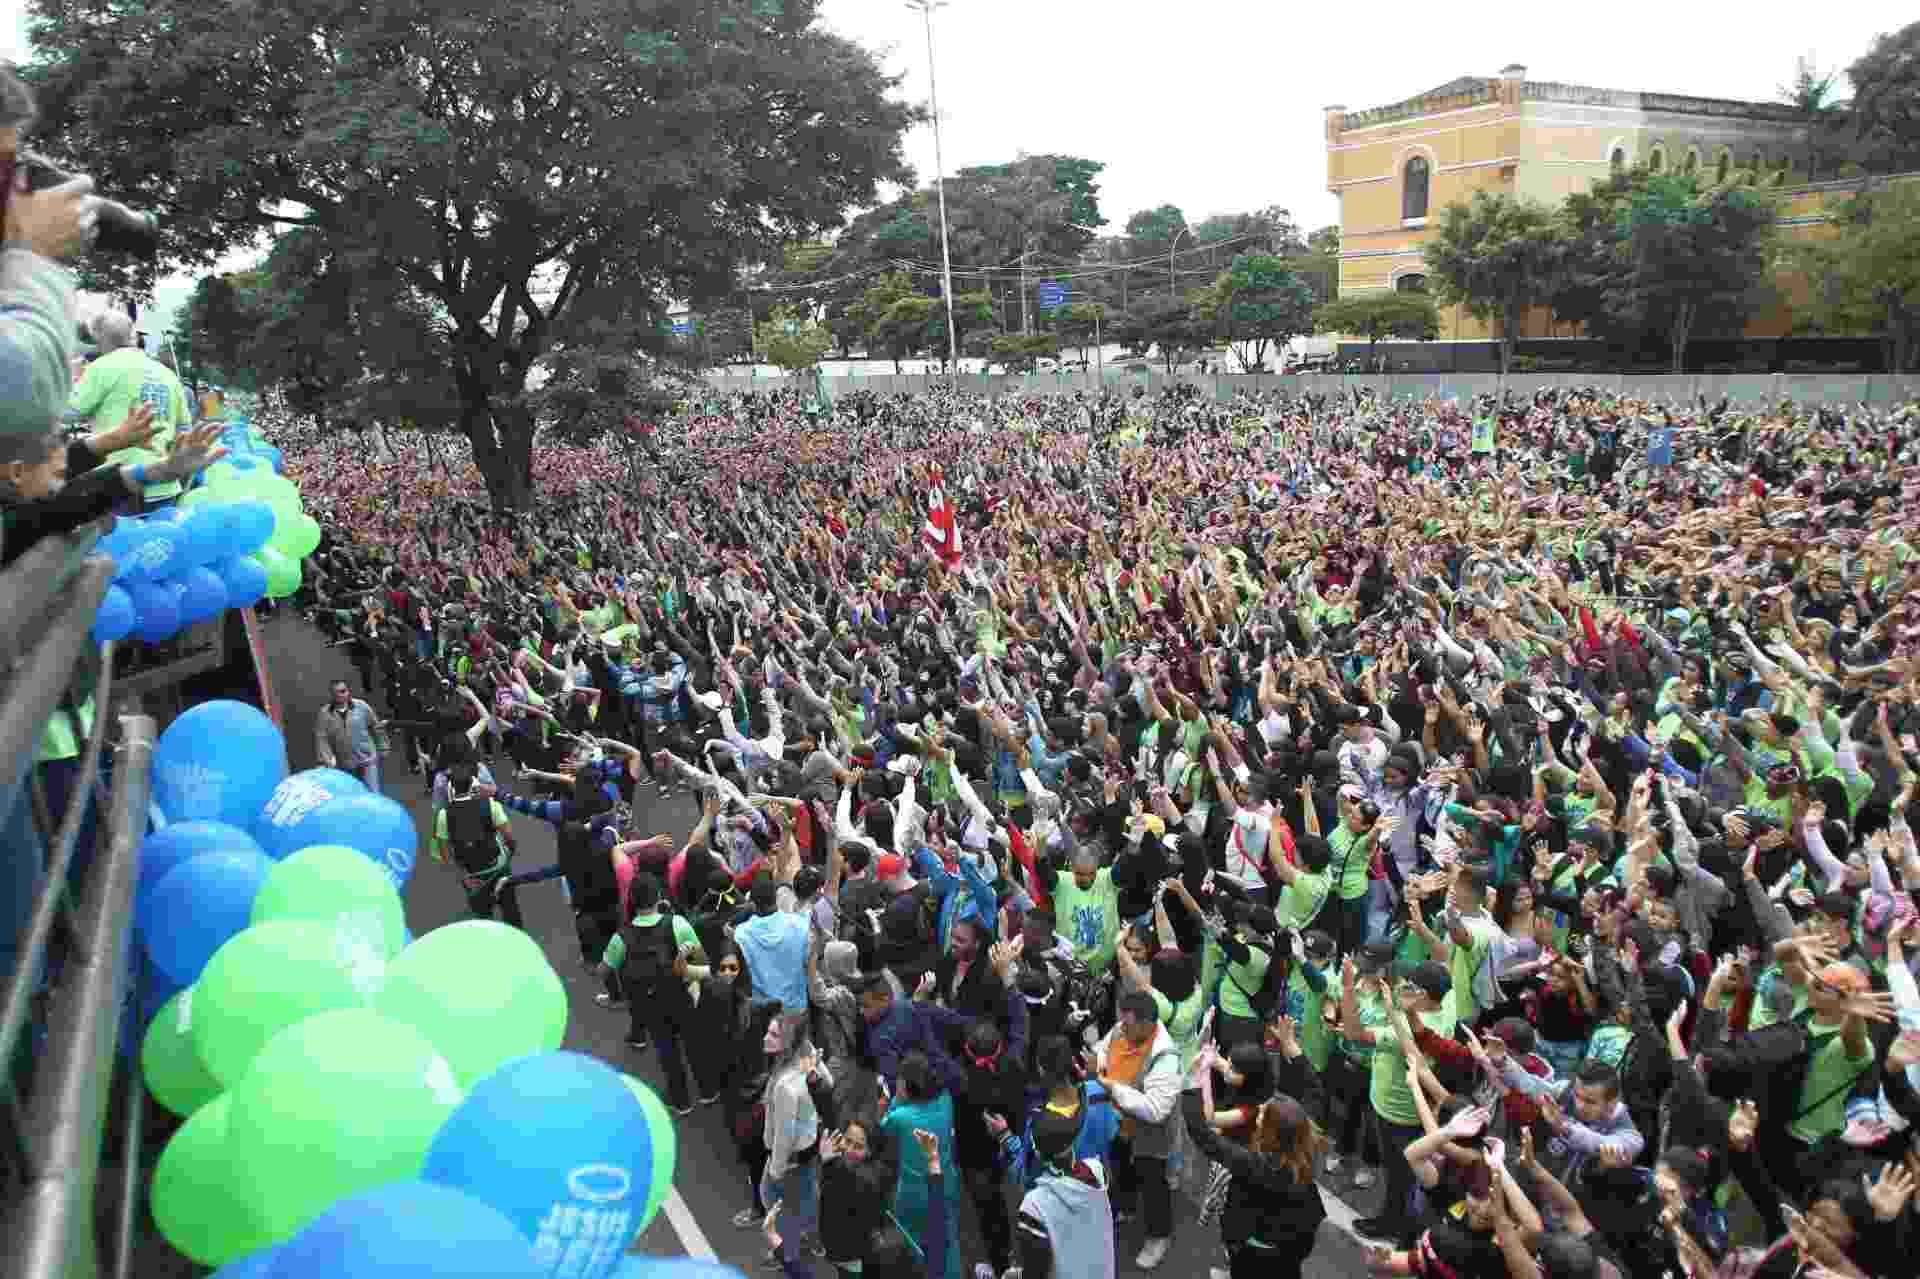 15.jun.2017 - Multidão participa da 25ª edição da Marcha Para Jesus, na avenida Tiradentes, em São Paulo (SP) - Rafael Arbex/Estadão Conteúdo